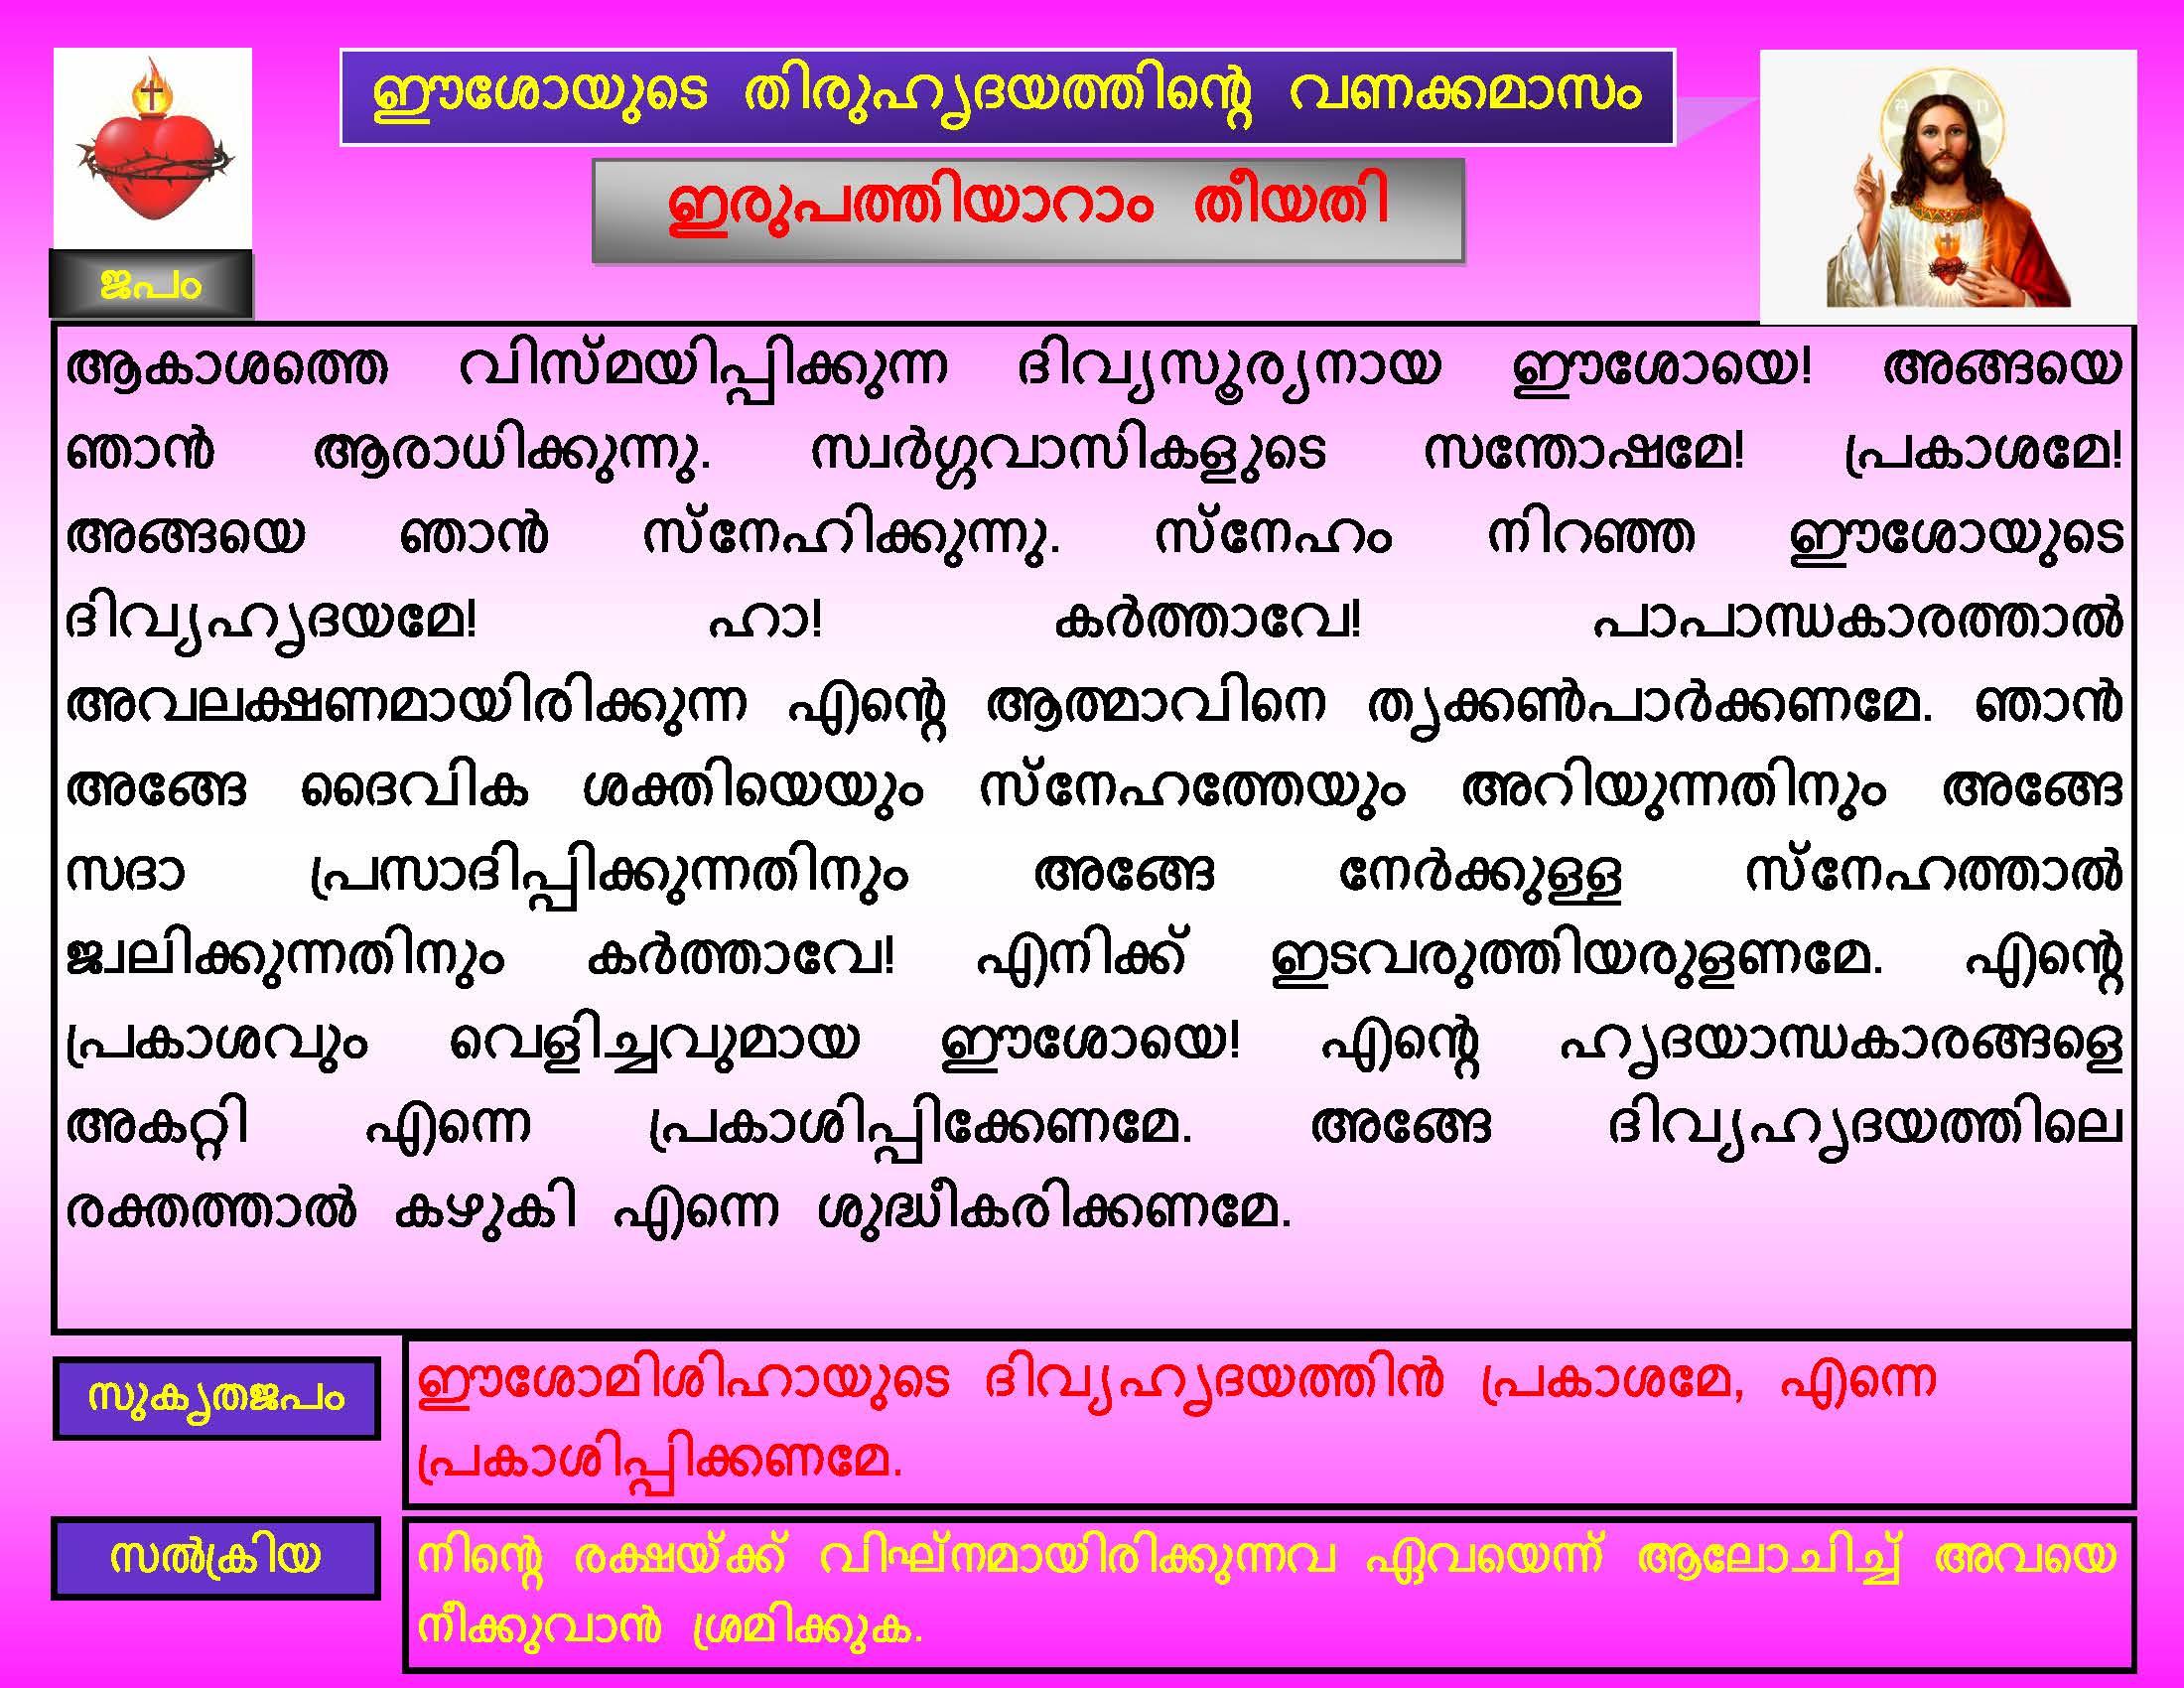 Thiruhrudaya Vanakkamasam - Day 26